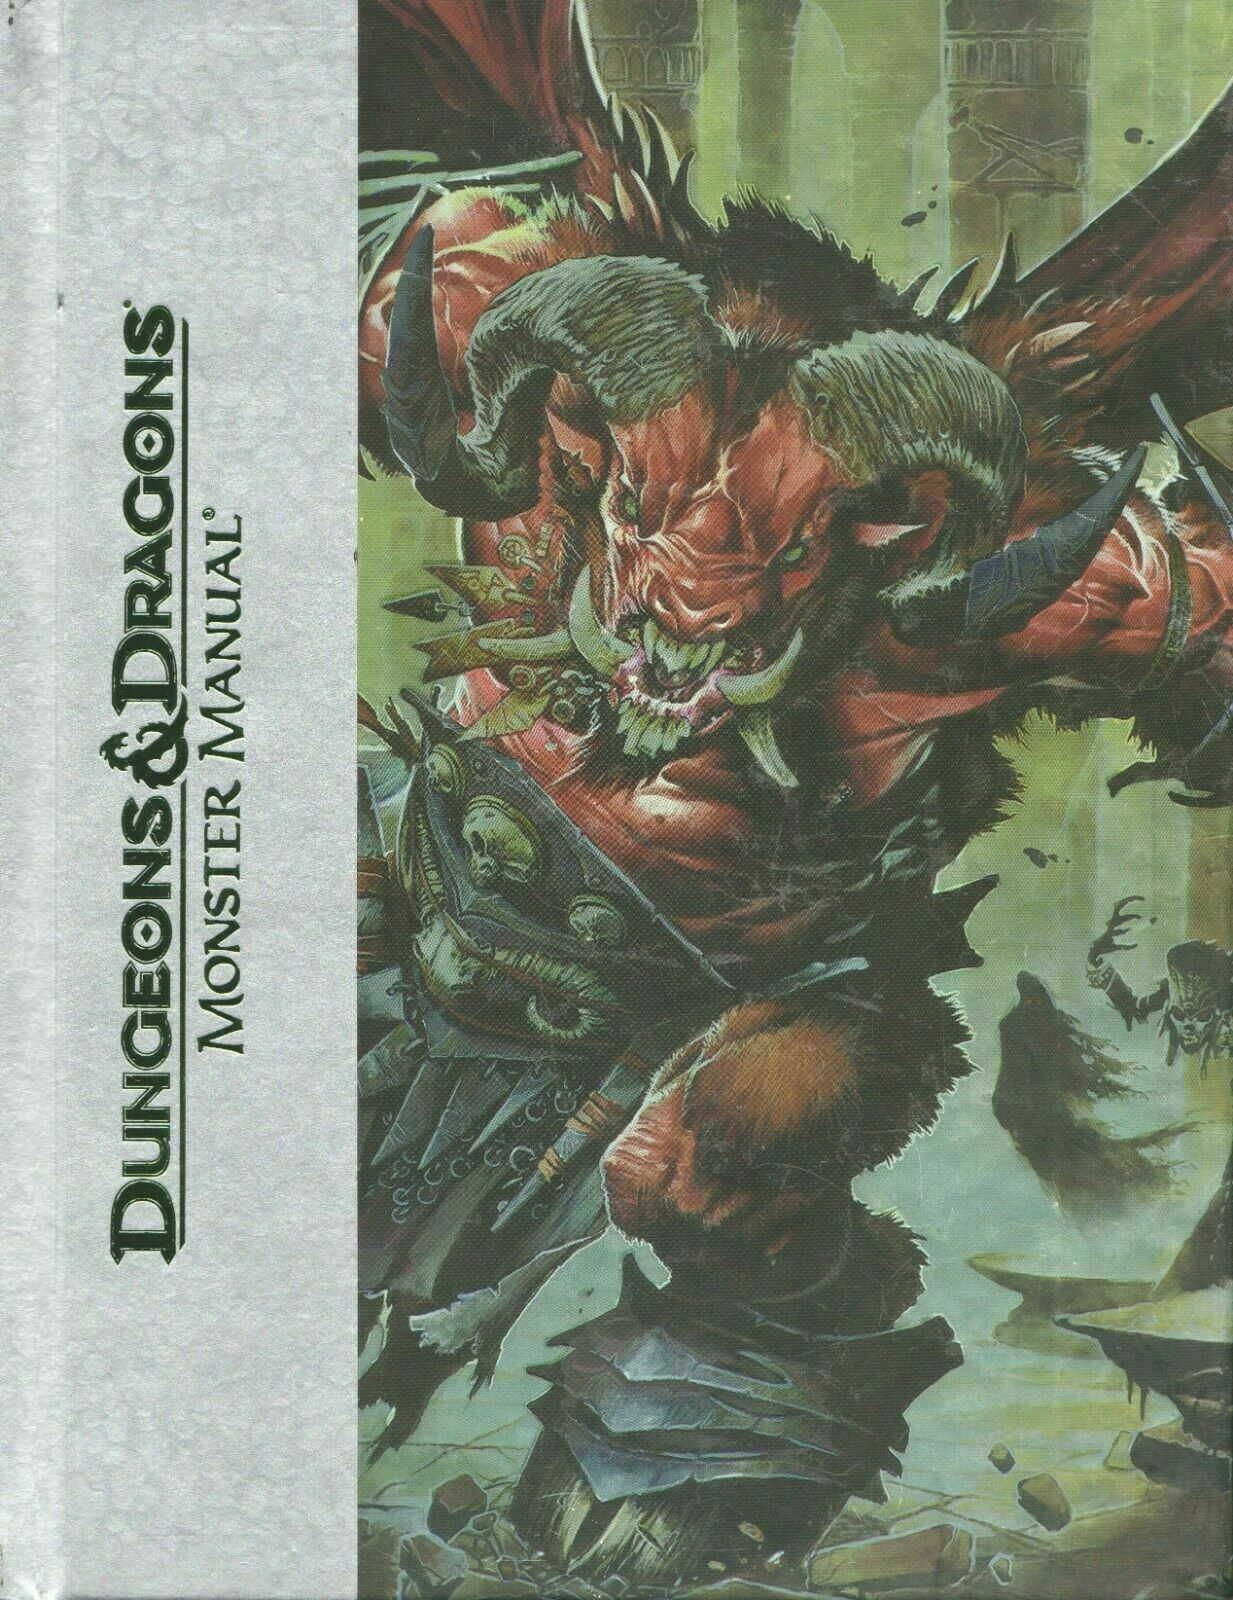 Dungeons  & Dragons uomoUALE MOSTRI 4th EDIZIONE DELUXE-Copertina rigida 2008  costo effettivo